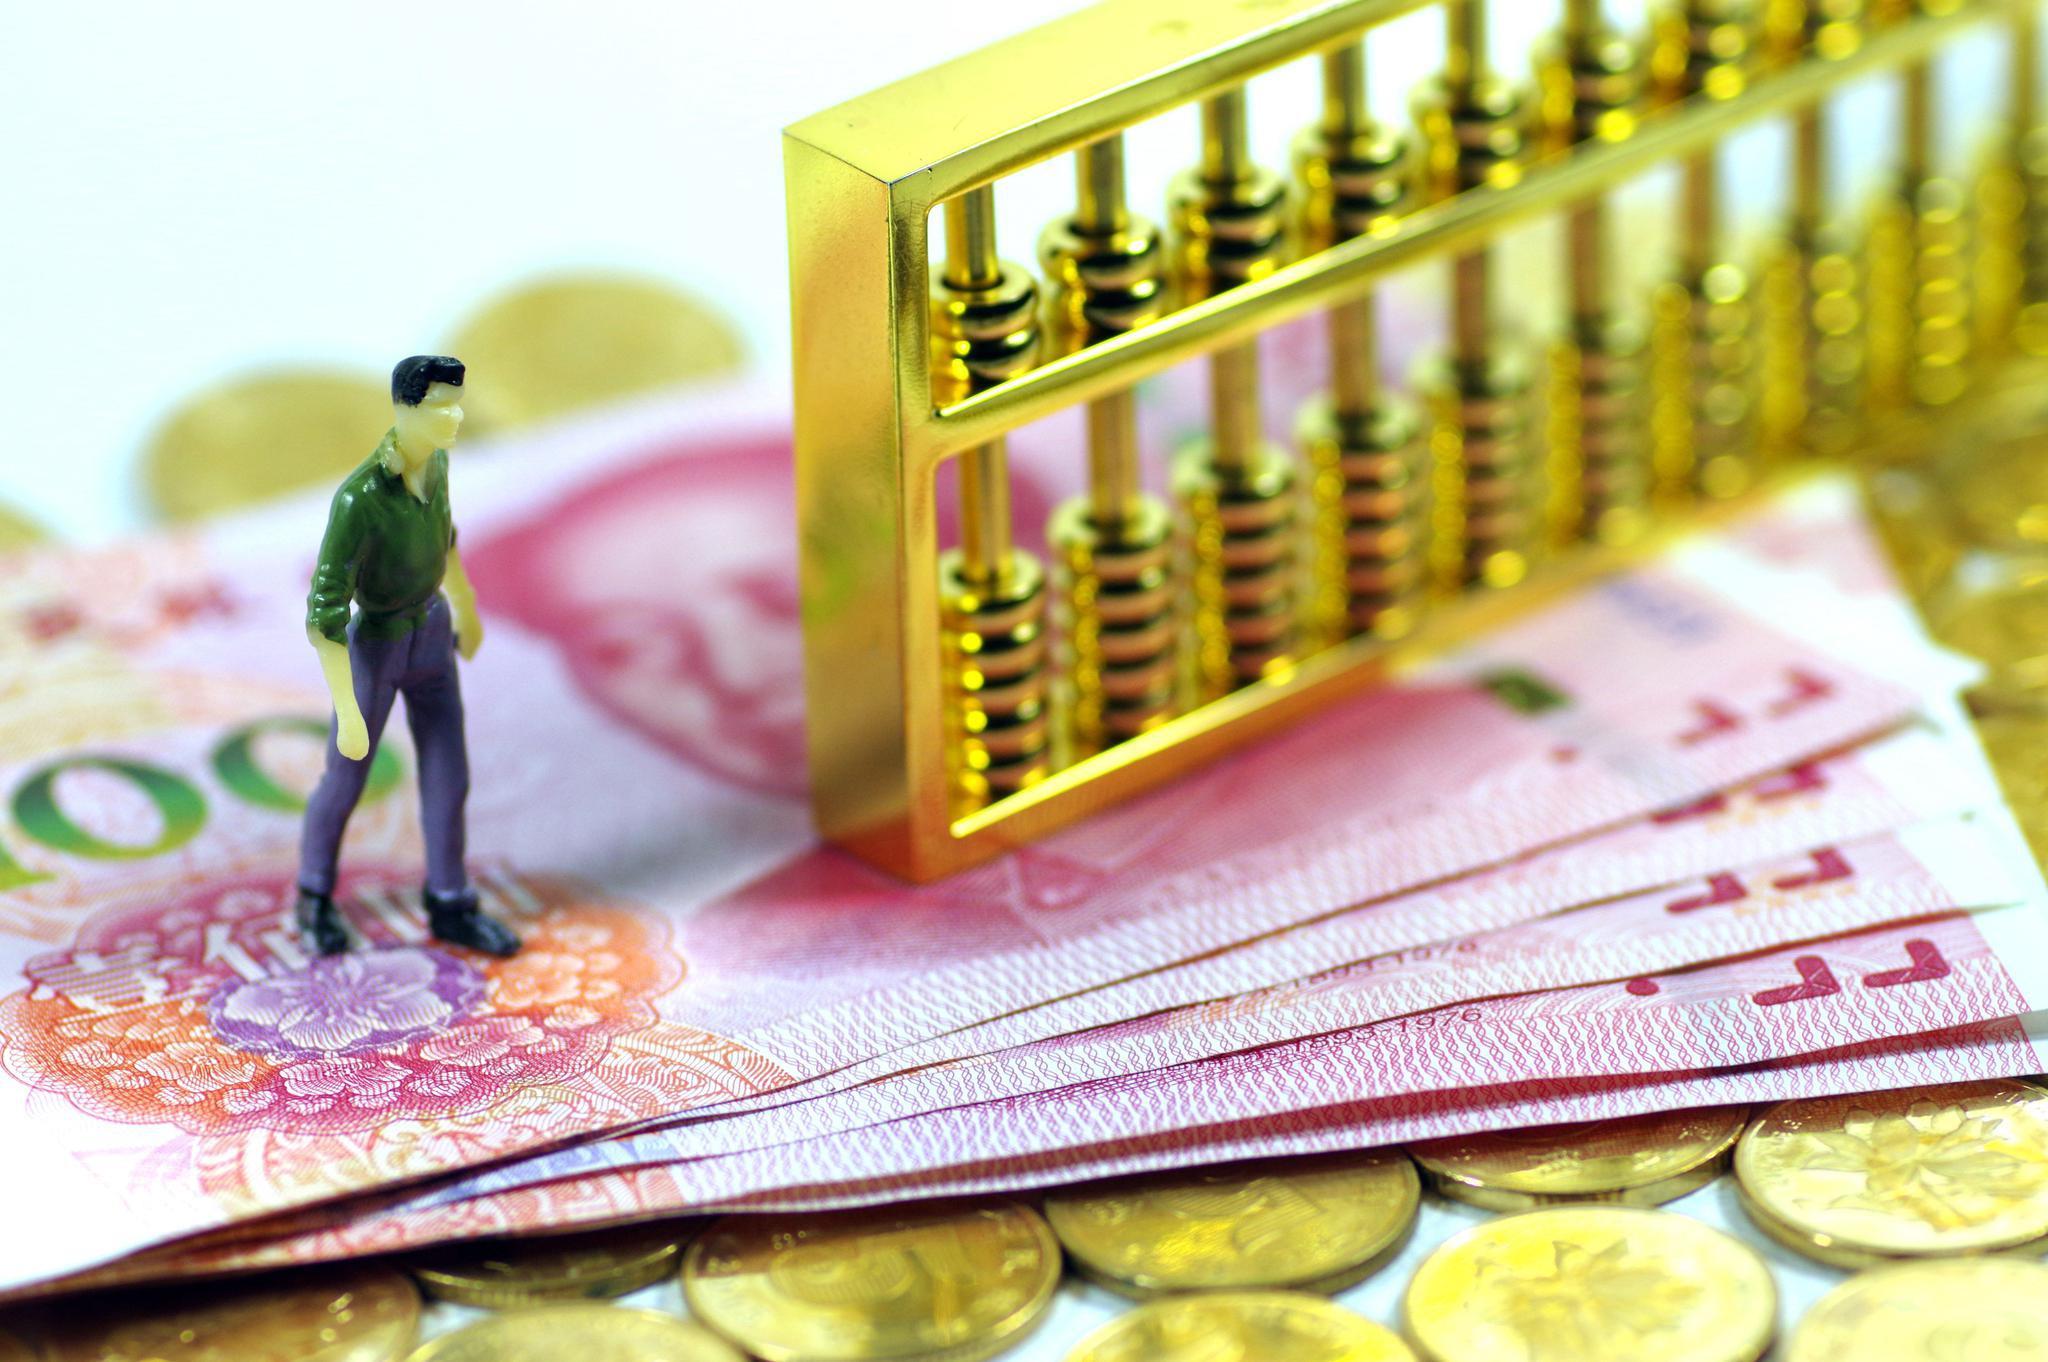 北金控发力供应链金融服务新模式,首笔融资业务落地